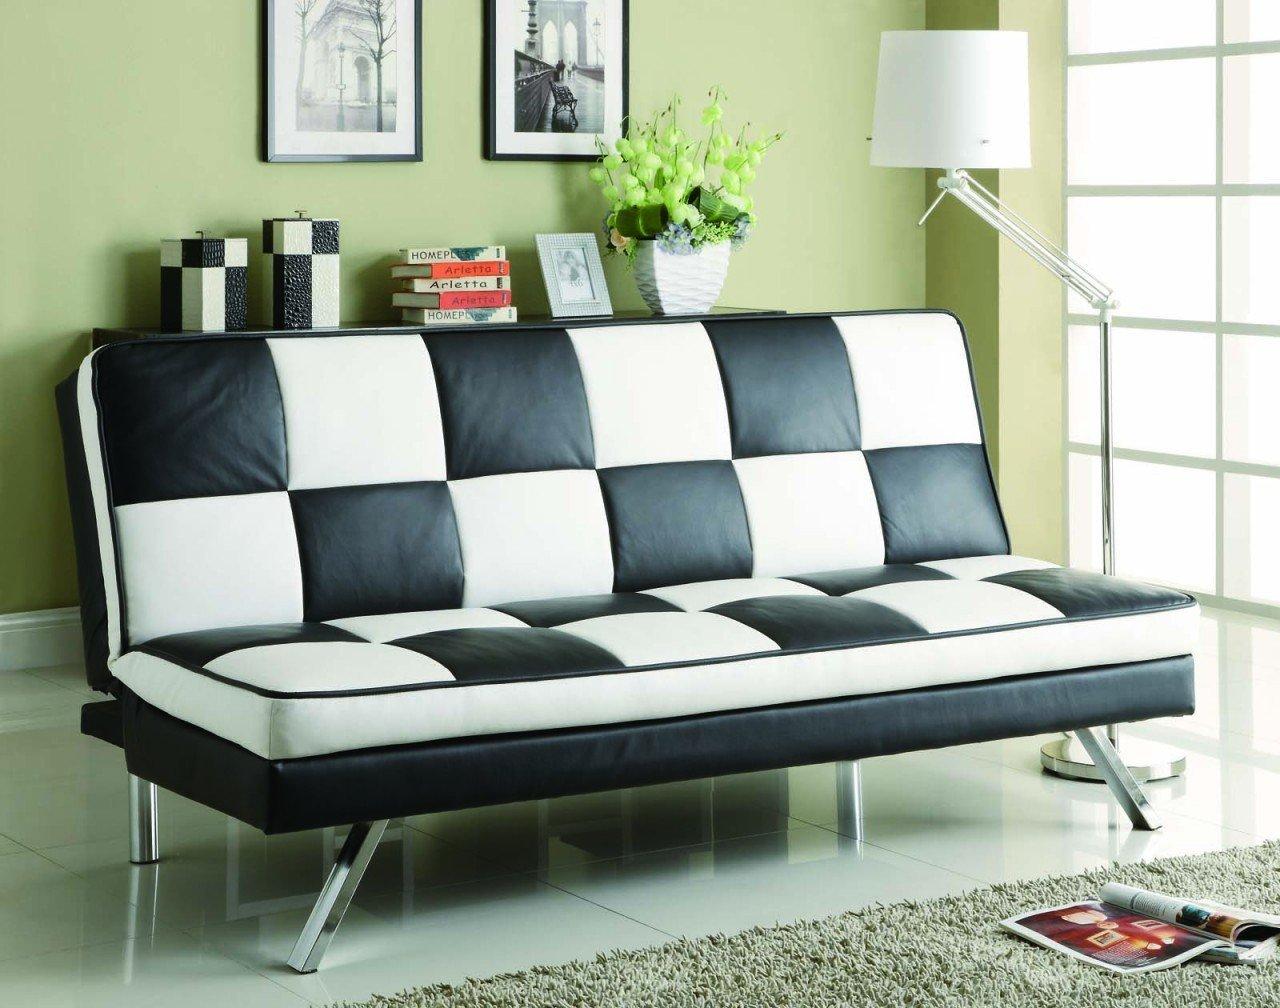 Sleeper Sofa - Coaster Sleeper Sofa Bed